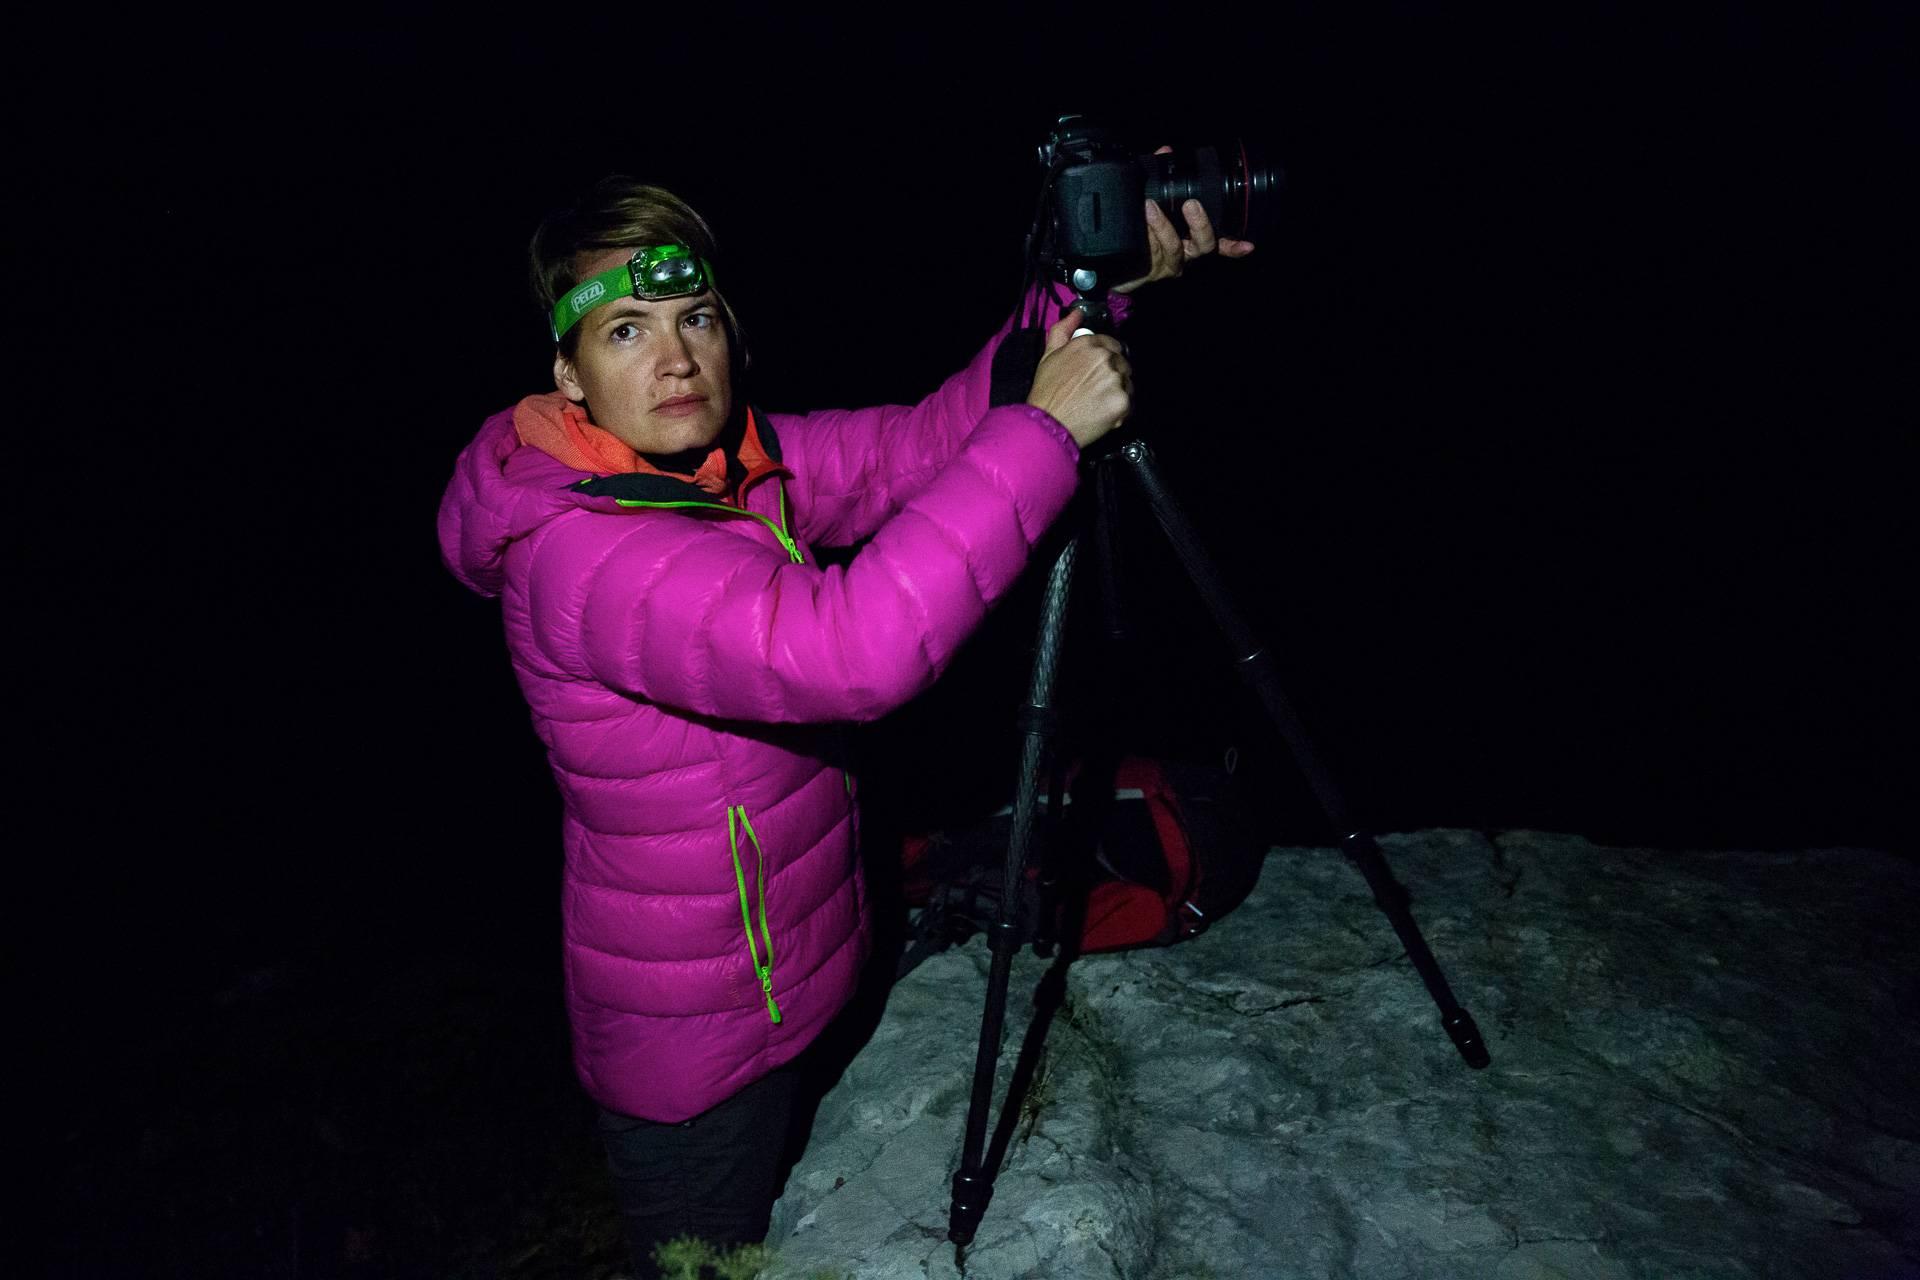 Direktes weißes Licht macht andere Fotofüchse fuchsteufelswild. Verwende lieber rotes Licht.